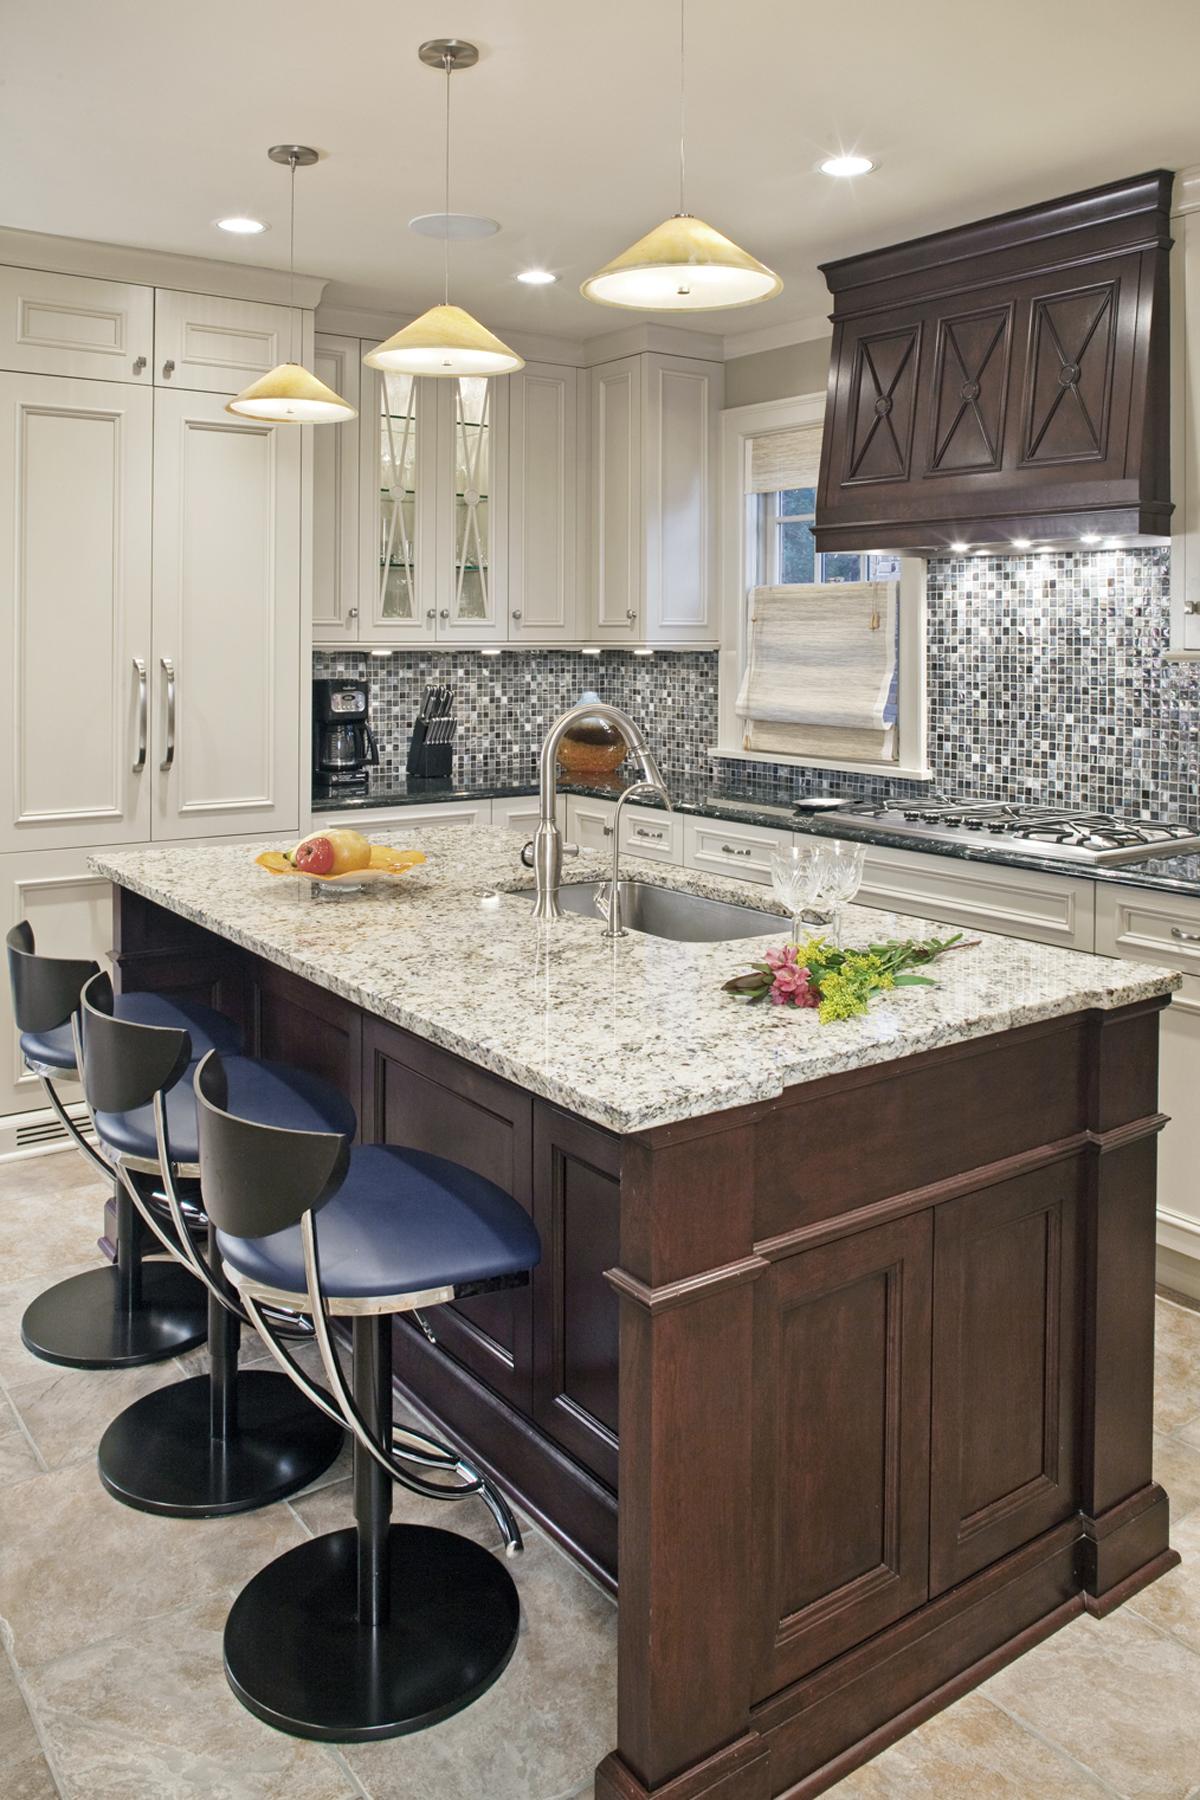 Minimalist-Cabinets-Floors.jpg